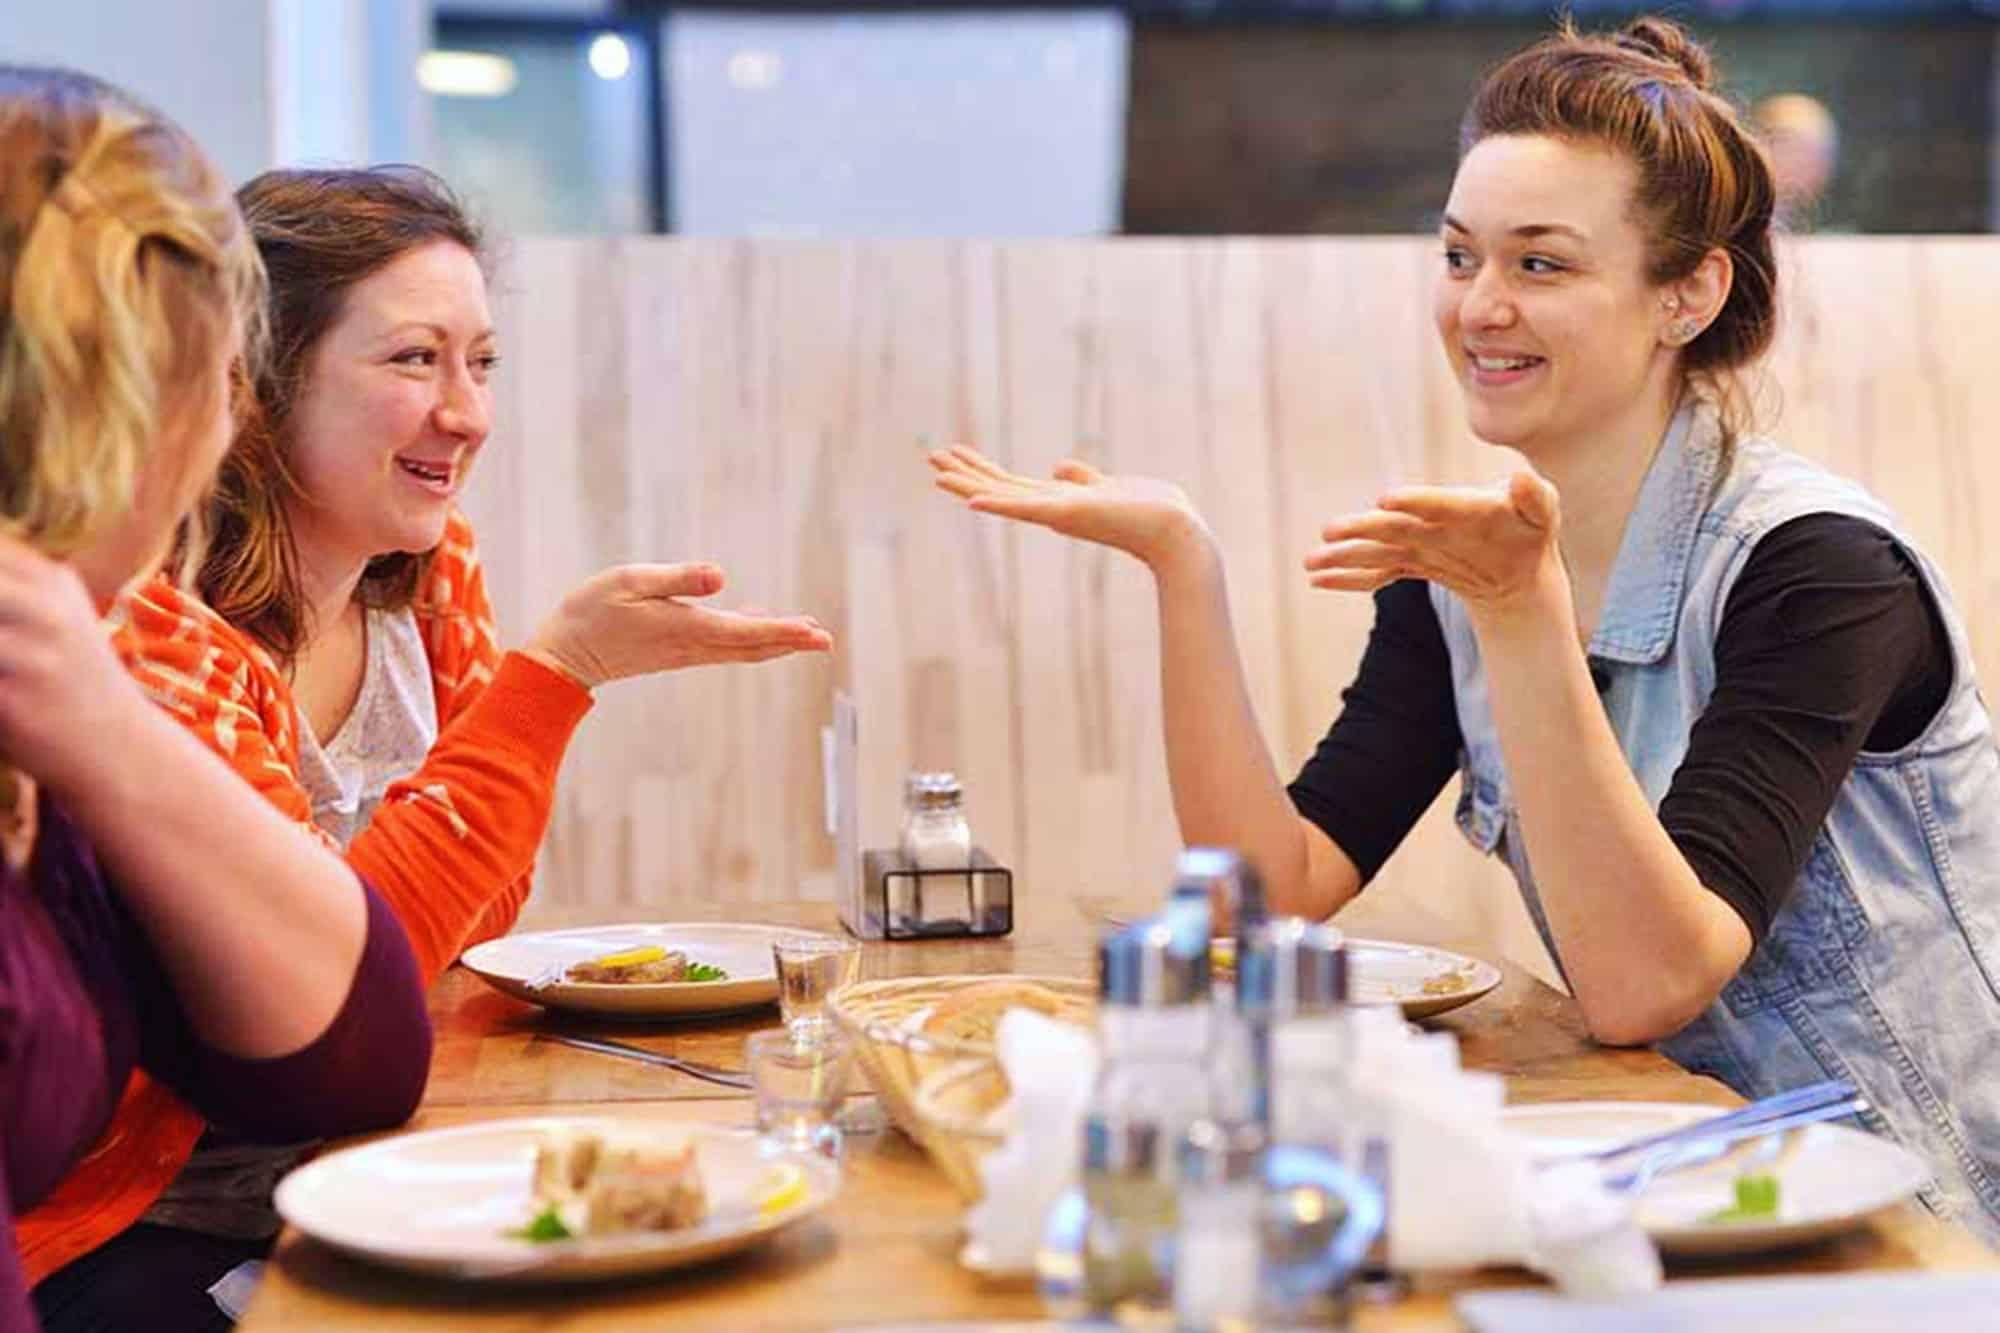 Varşova'daki Yemek Turunda Eğlenen İnsanlar